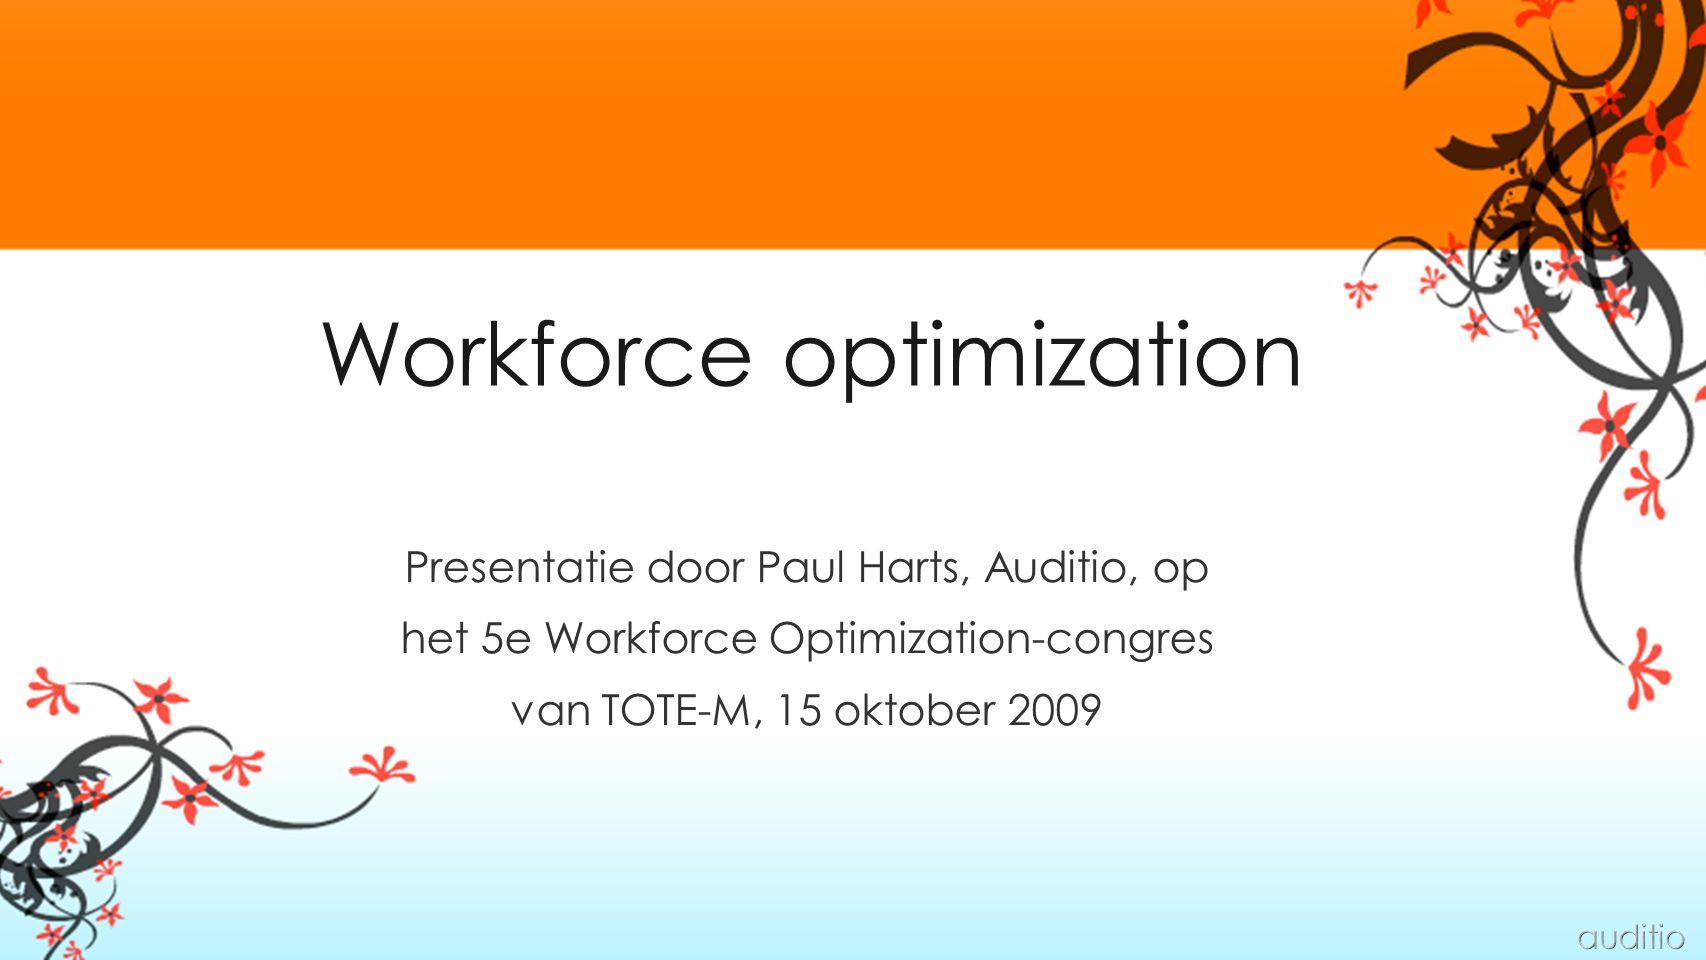 Workforce optimization Presentatie door Paul Harts, Auditio, op het 5e Workforce Optimization-congres van TOTE-M, 15 oktober 2009